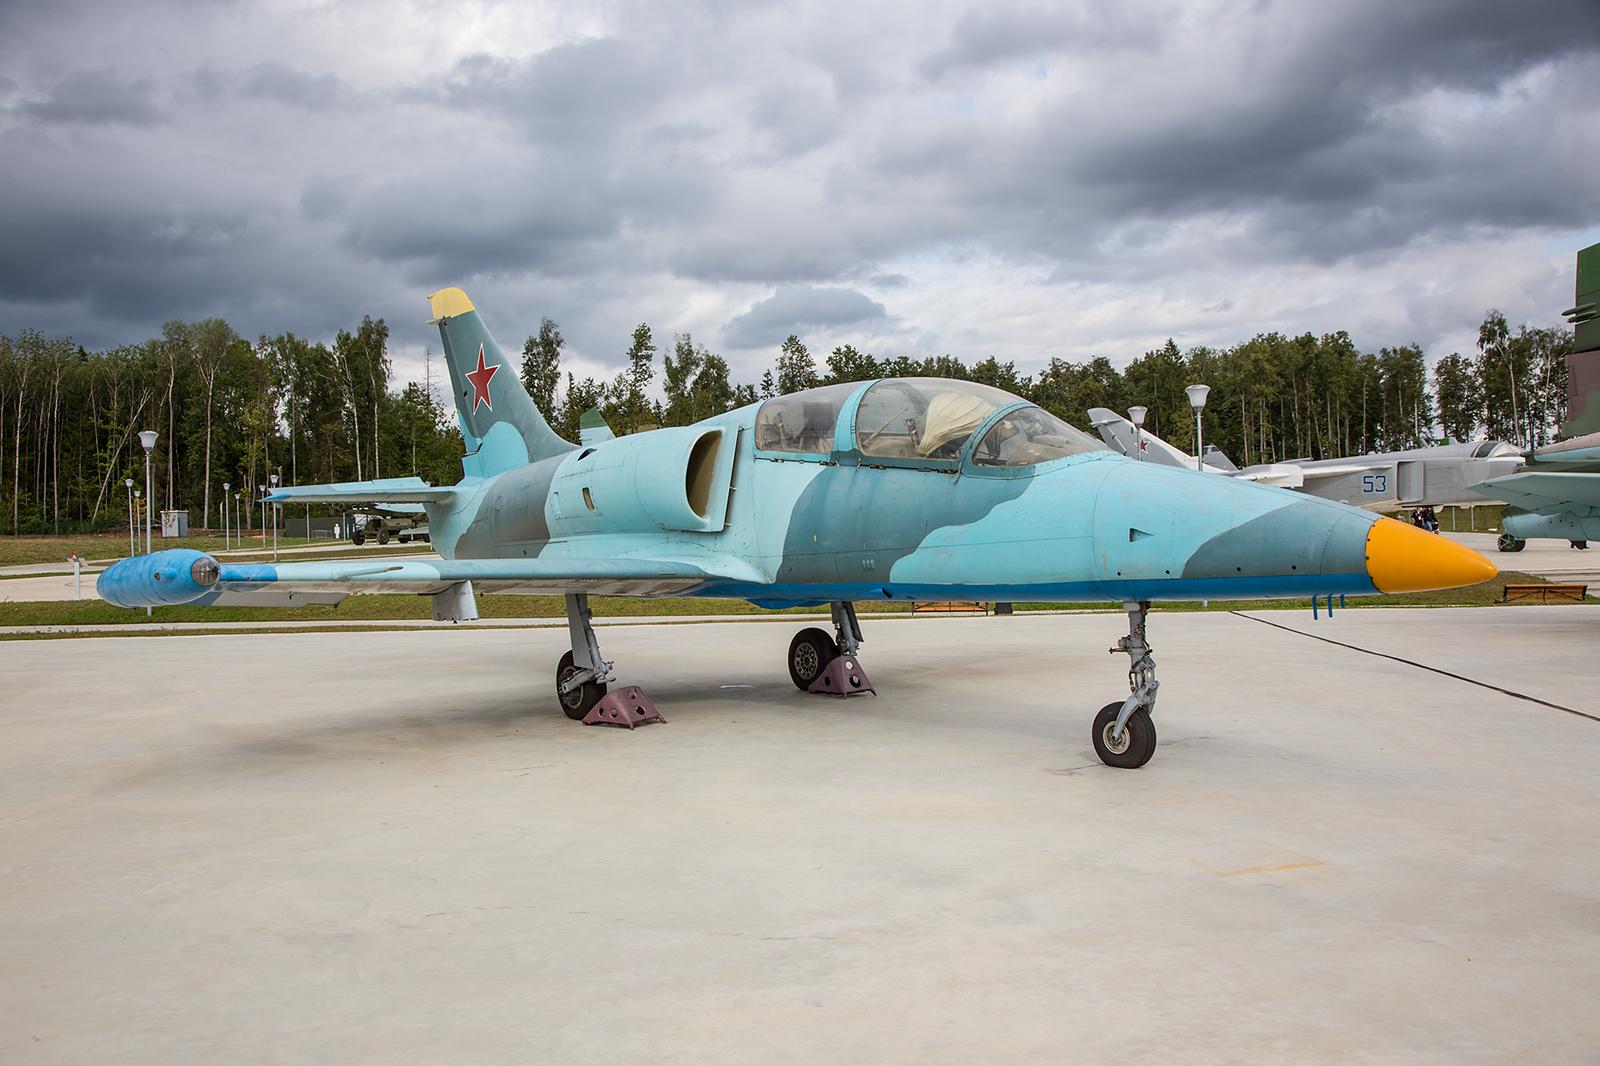 Auch die russischen Streitkräfte nutzen die Aero L-39 Delfin für die Flugausbildung.